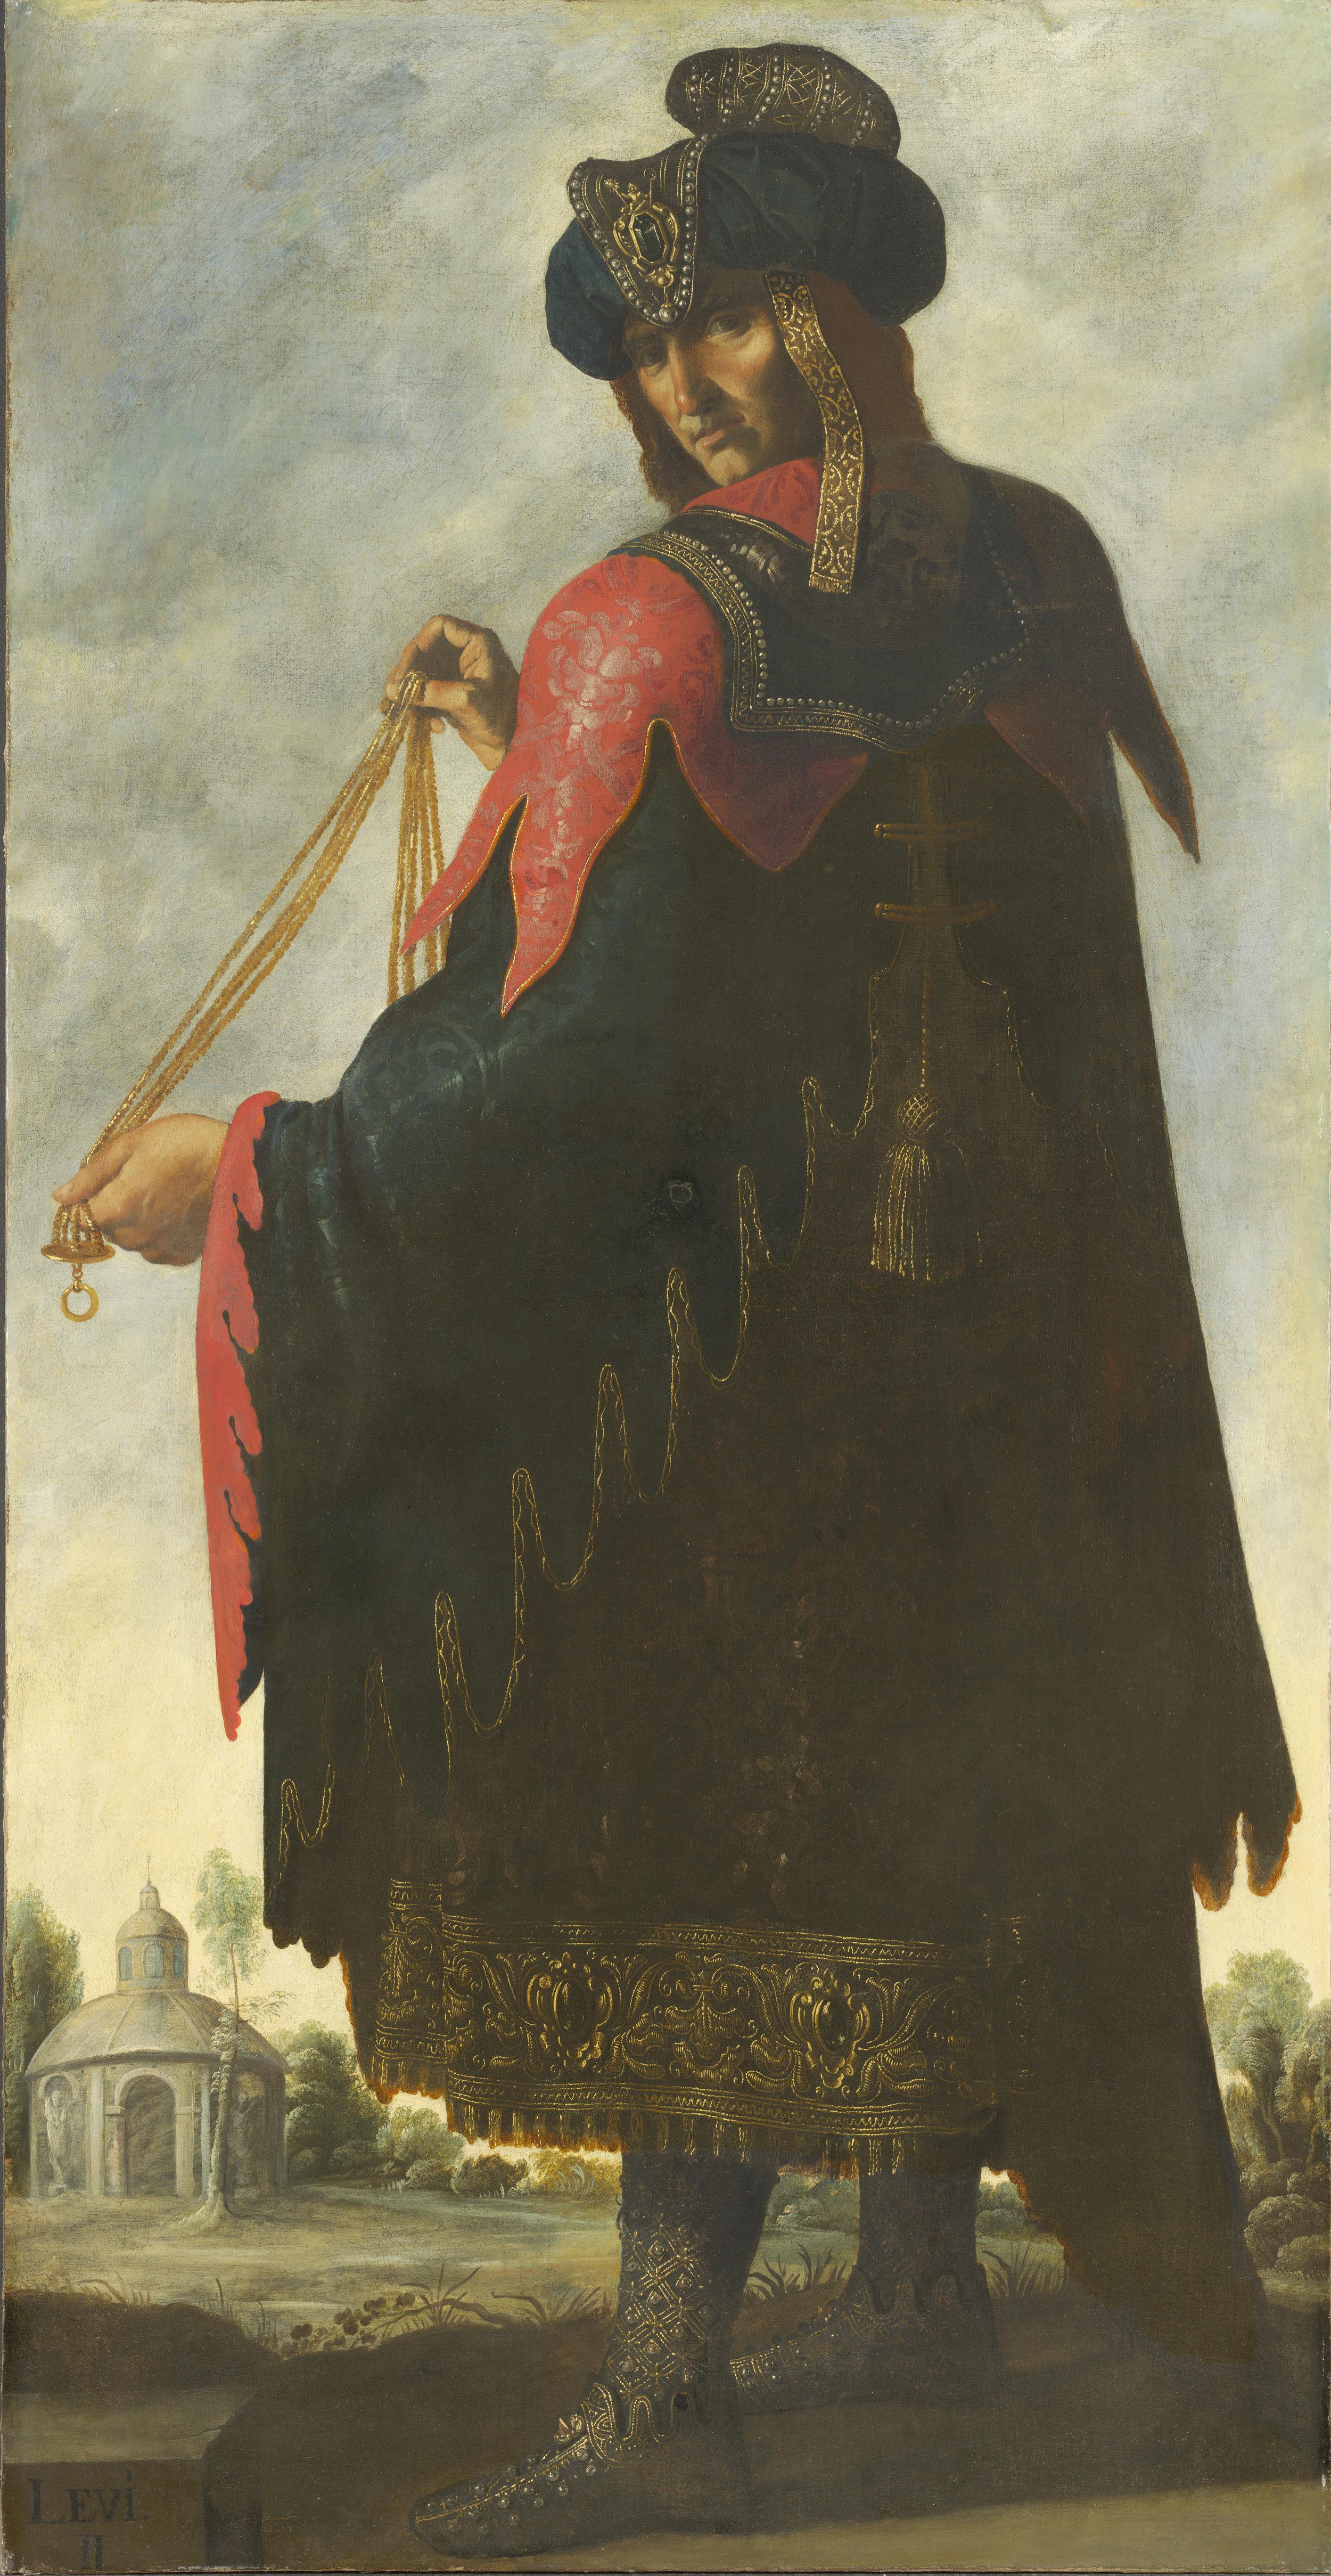 Zubaran